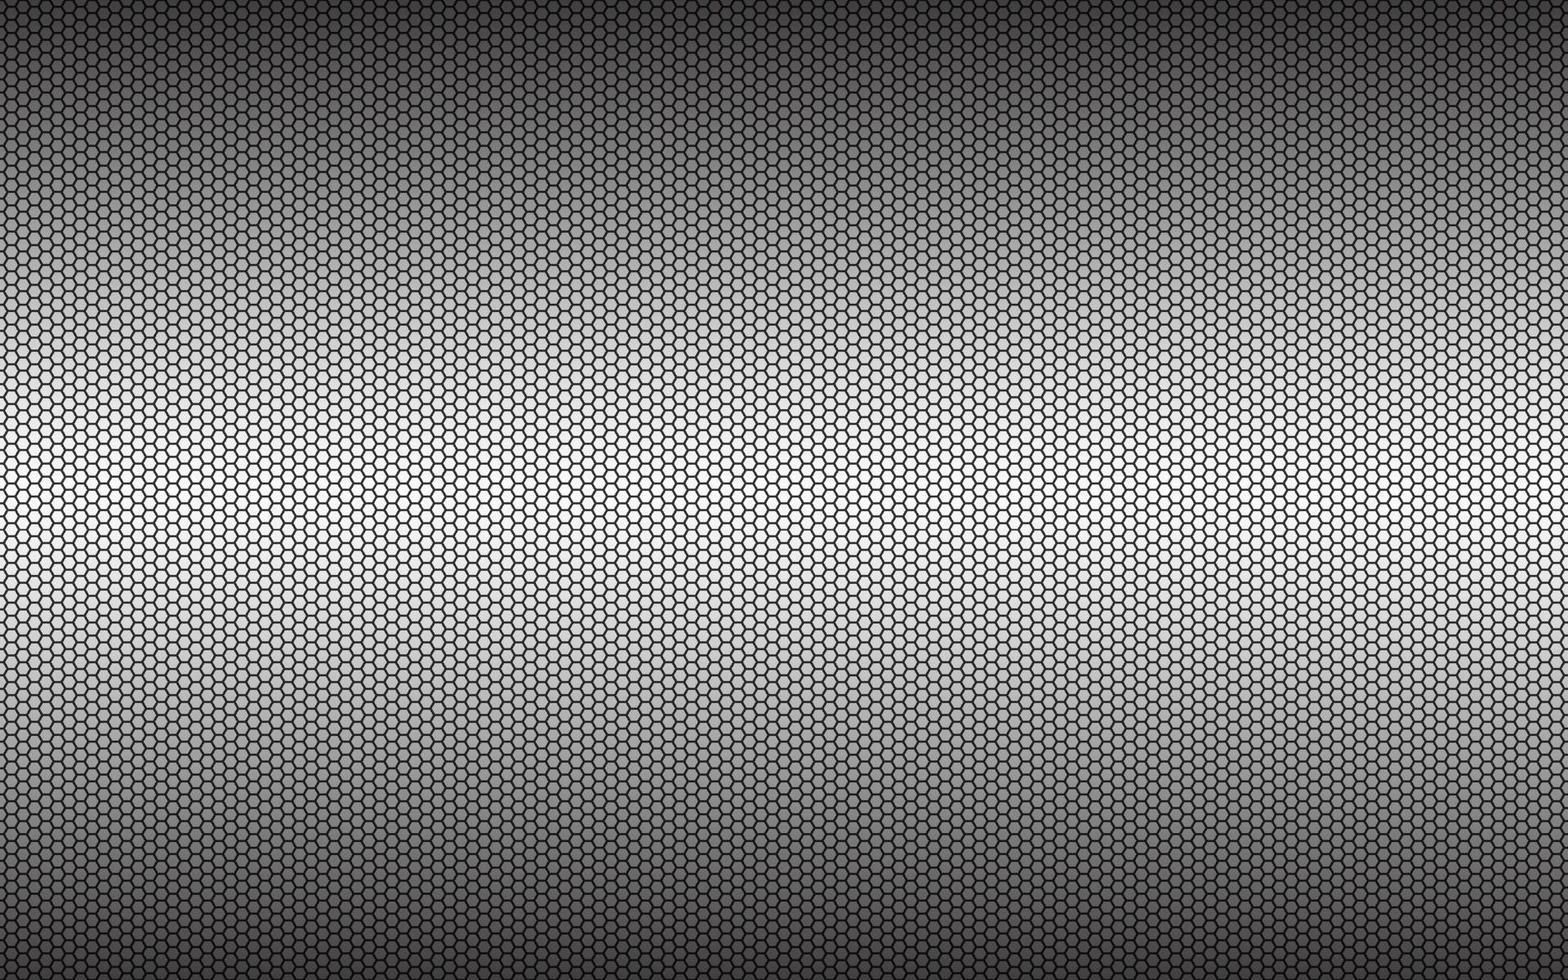 fond hexagonal géométrique gris simple moderne. abstrait polygonale métallique noir. illustration vectorielle simple vecteur